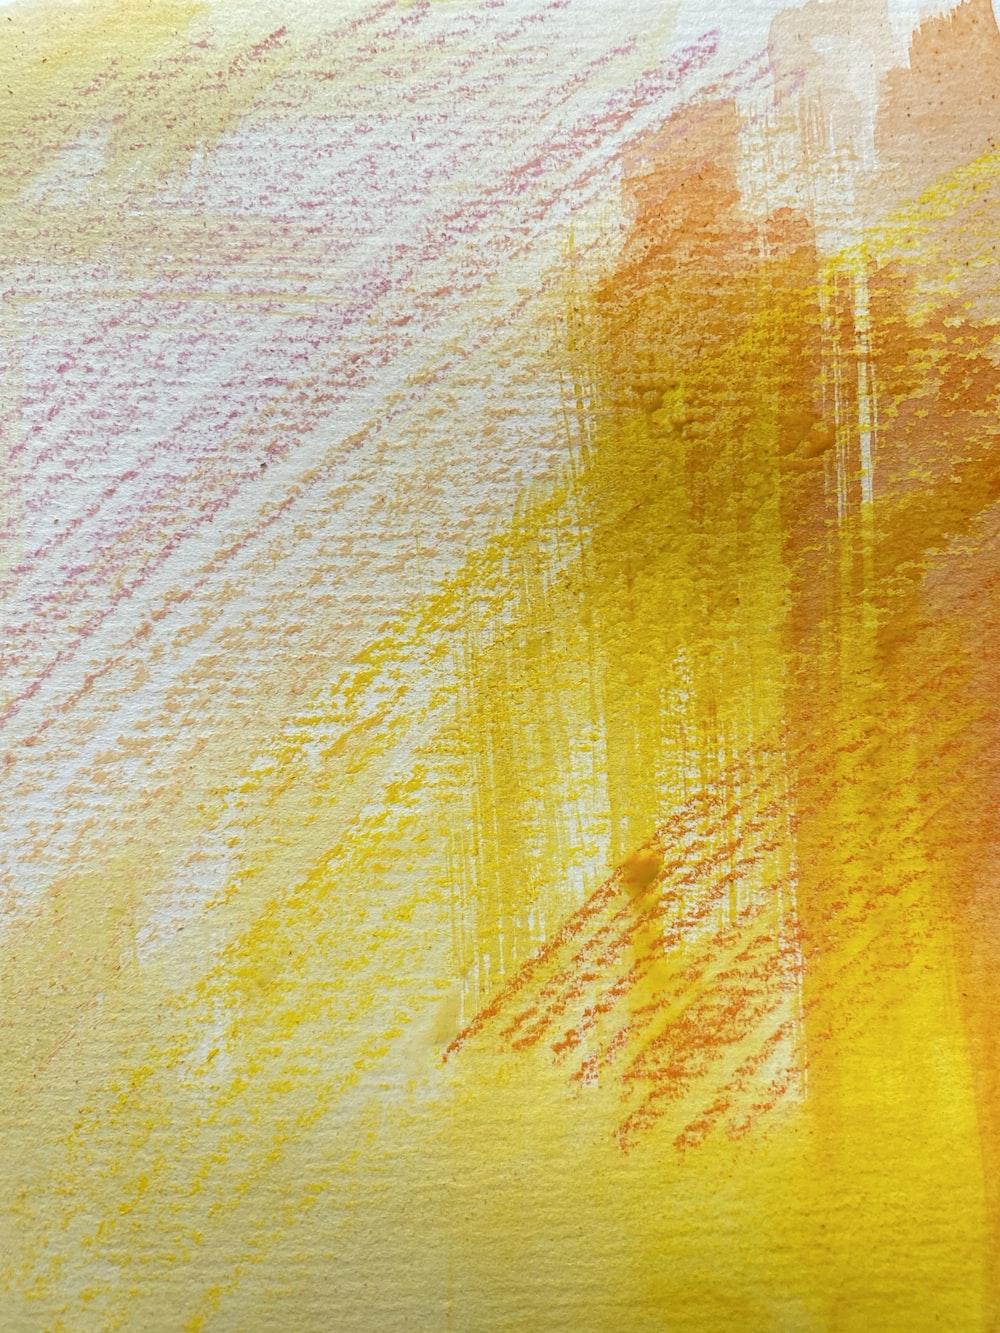 yellow and white stripe textile